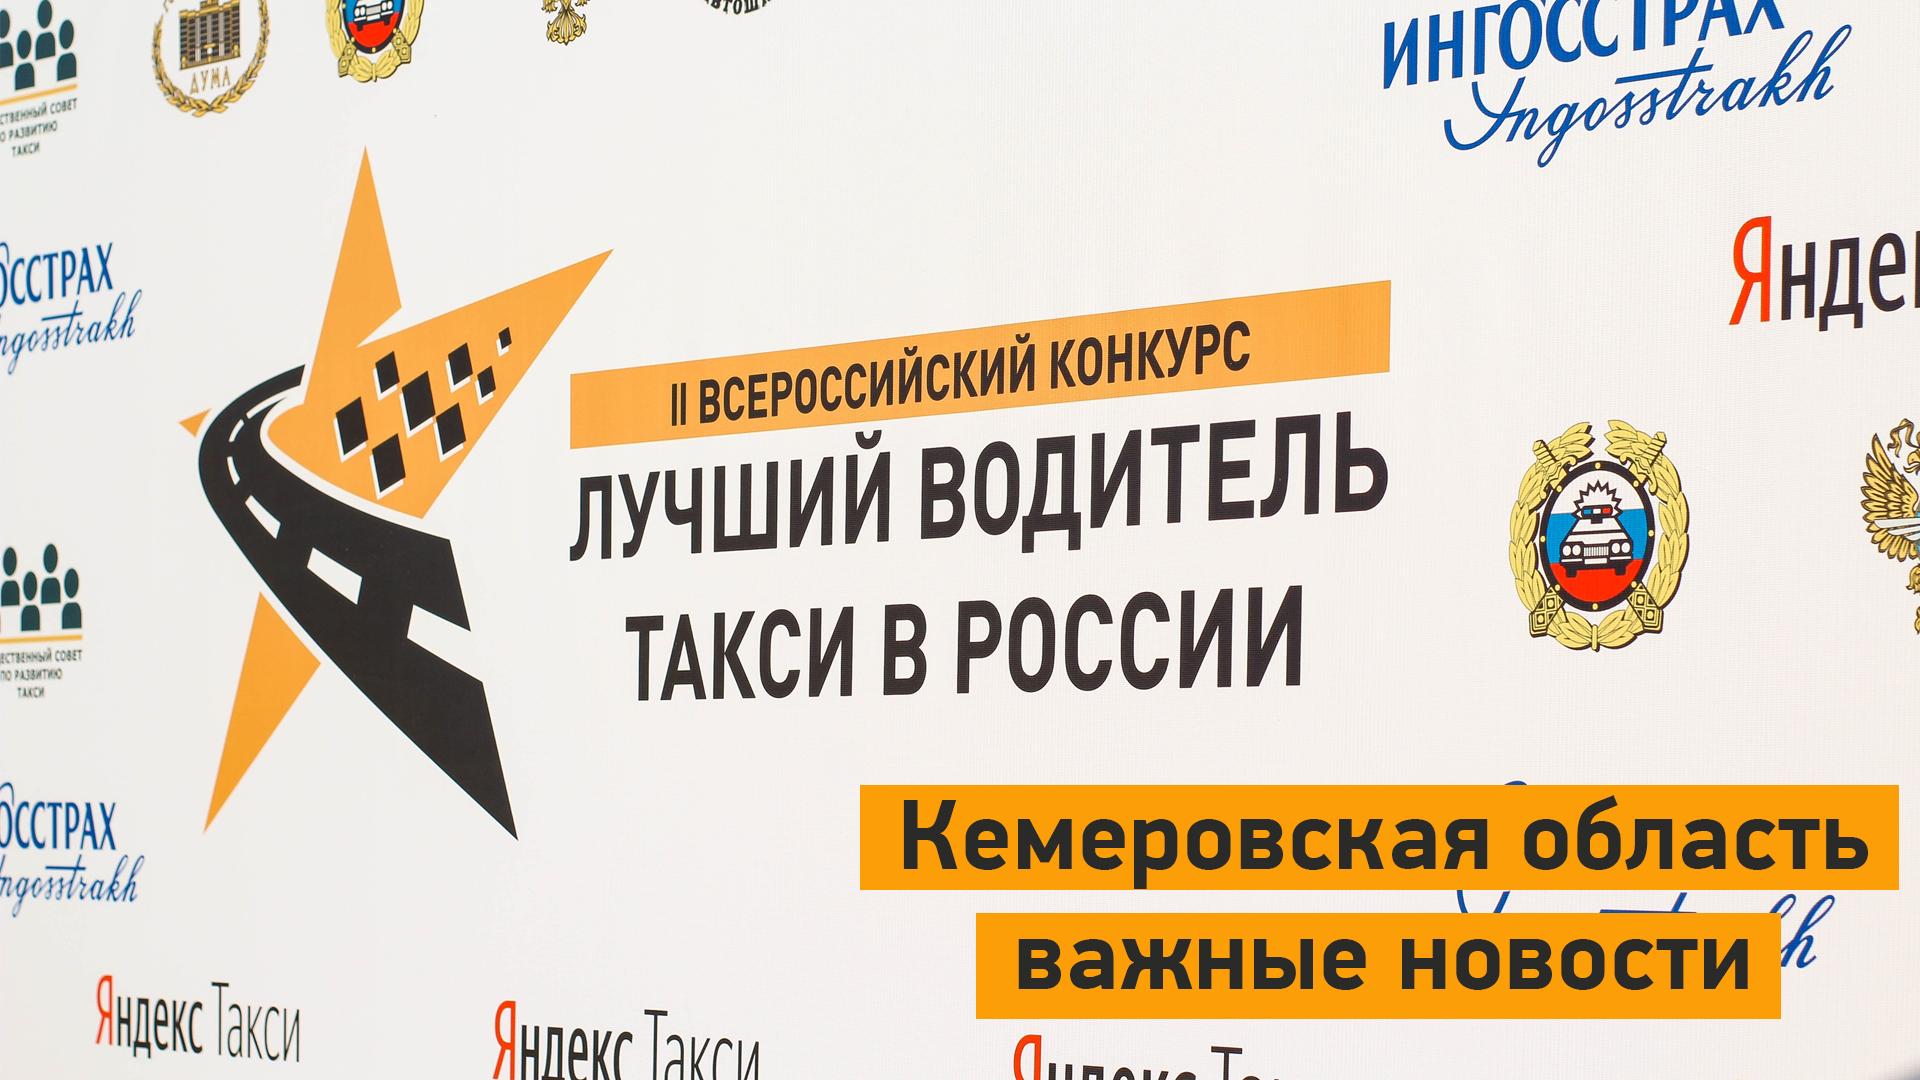 Перенос даты конкурса в Кемеровской области